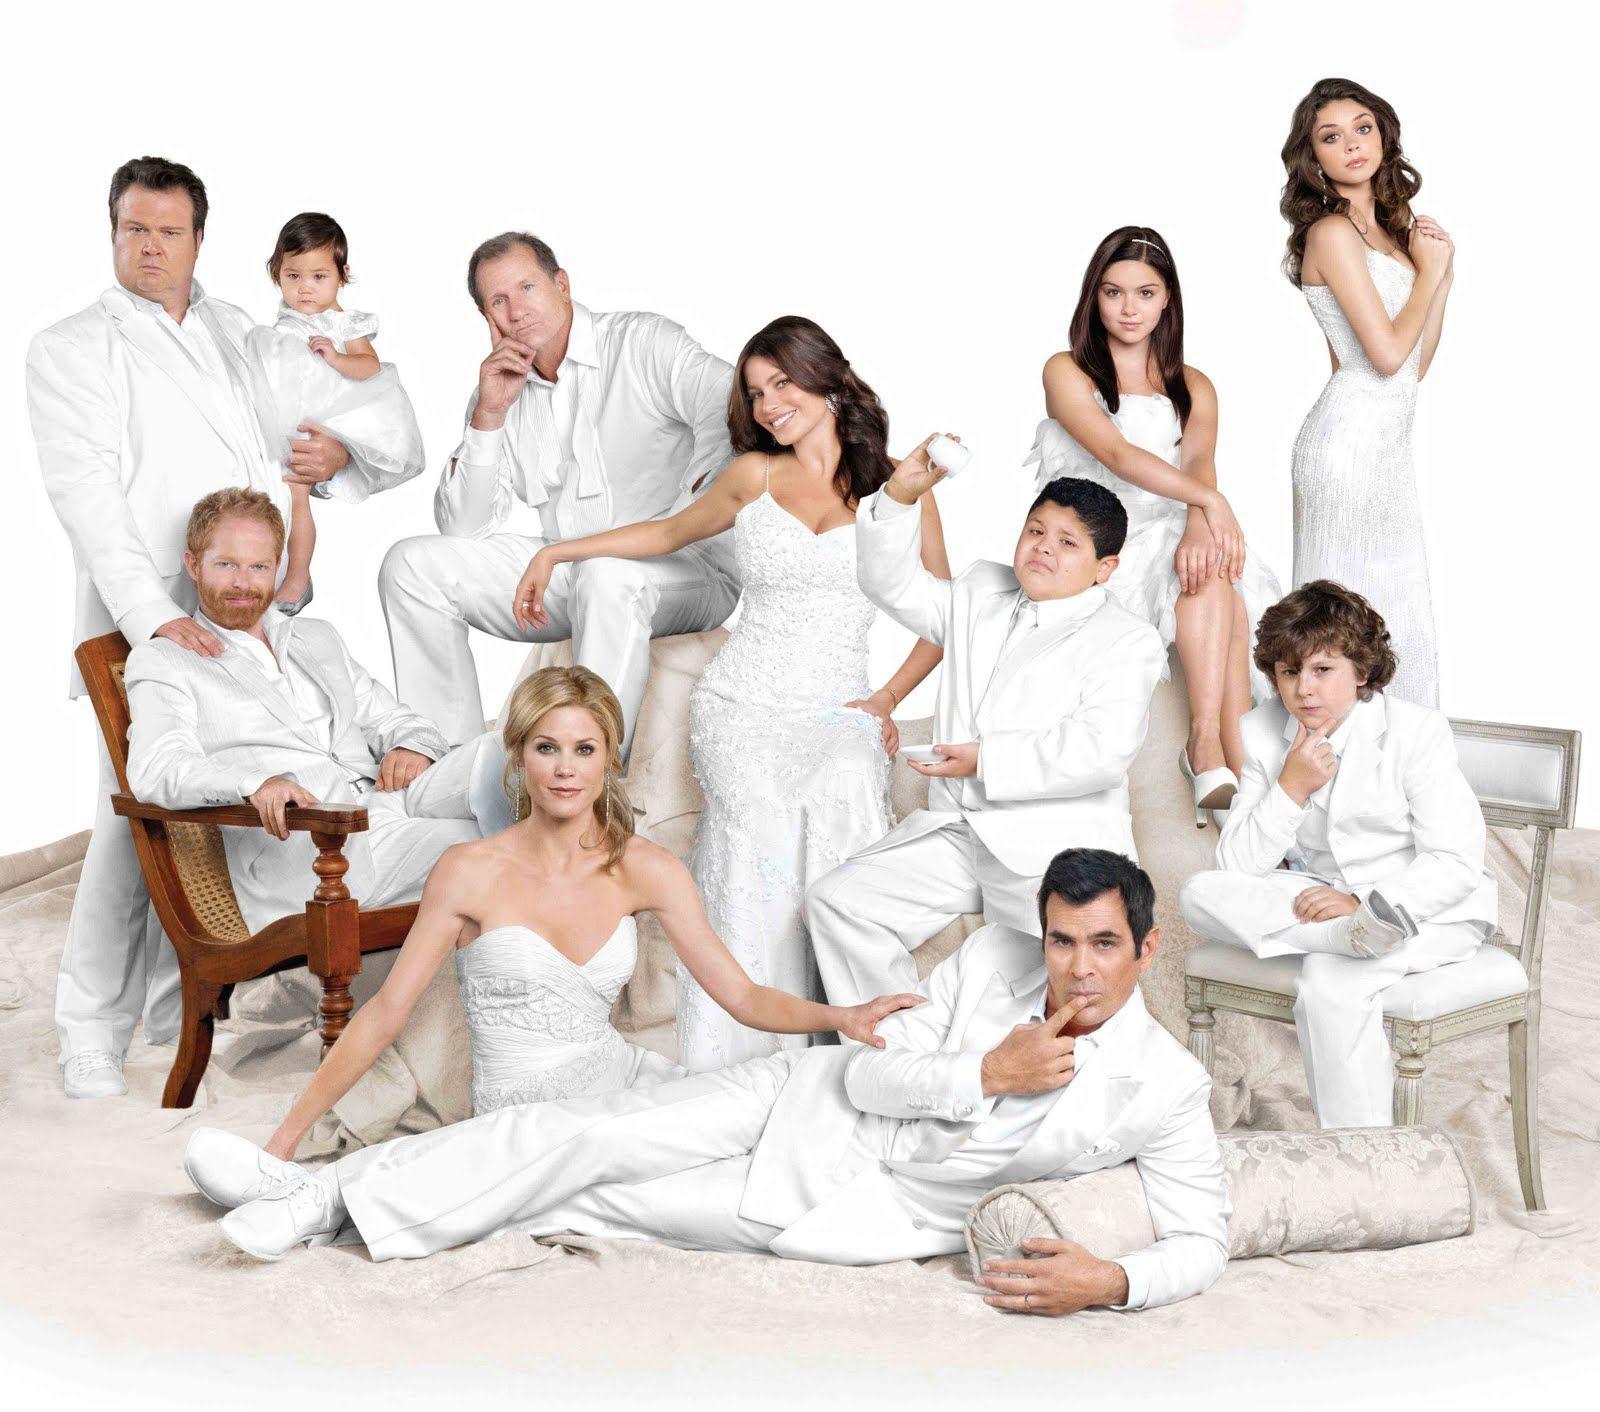 Modern Family Wallpaper 4 Bilder Moderne Familie Fernsehserie